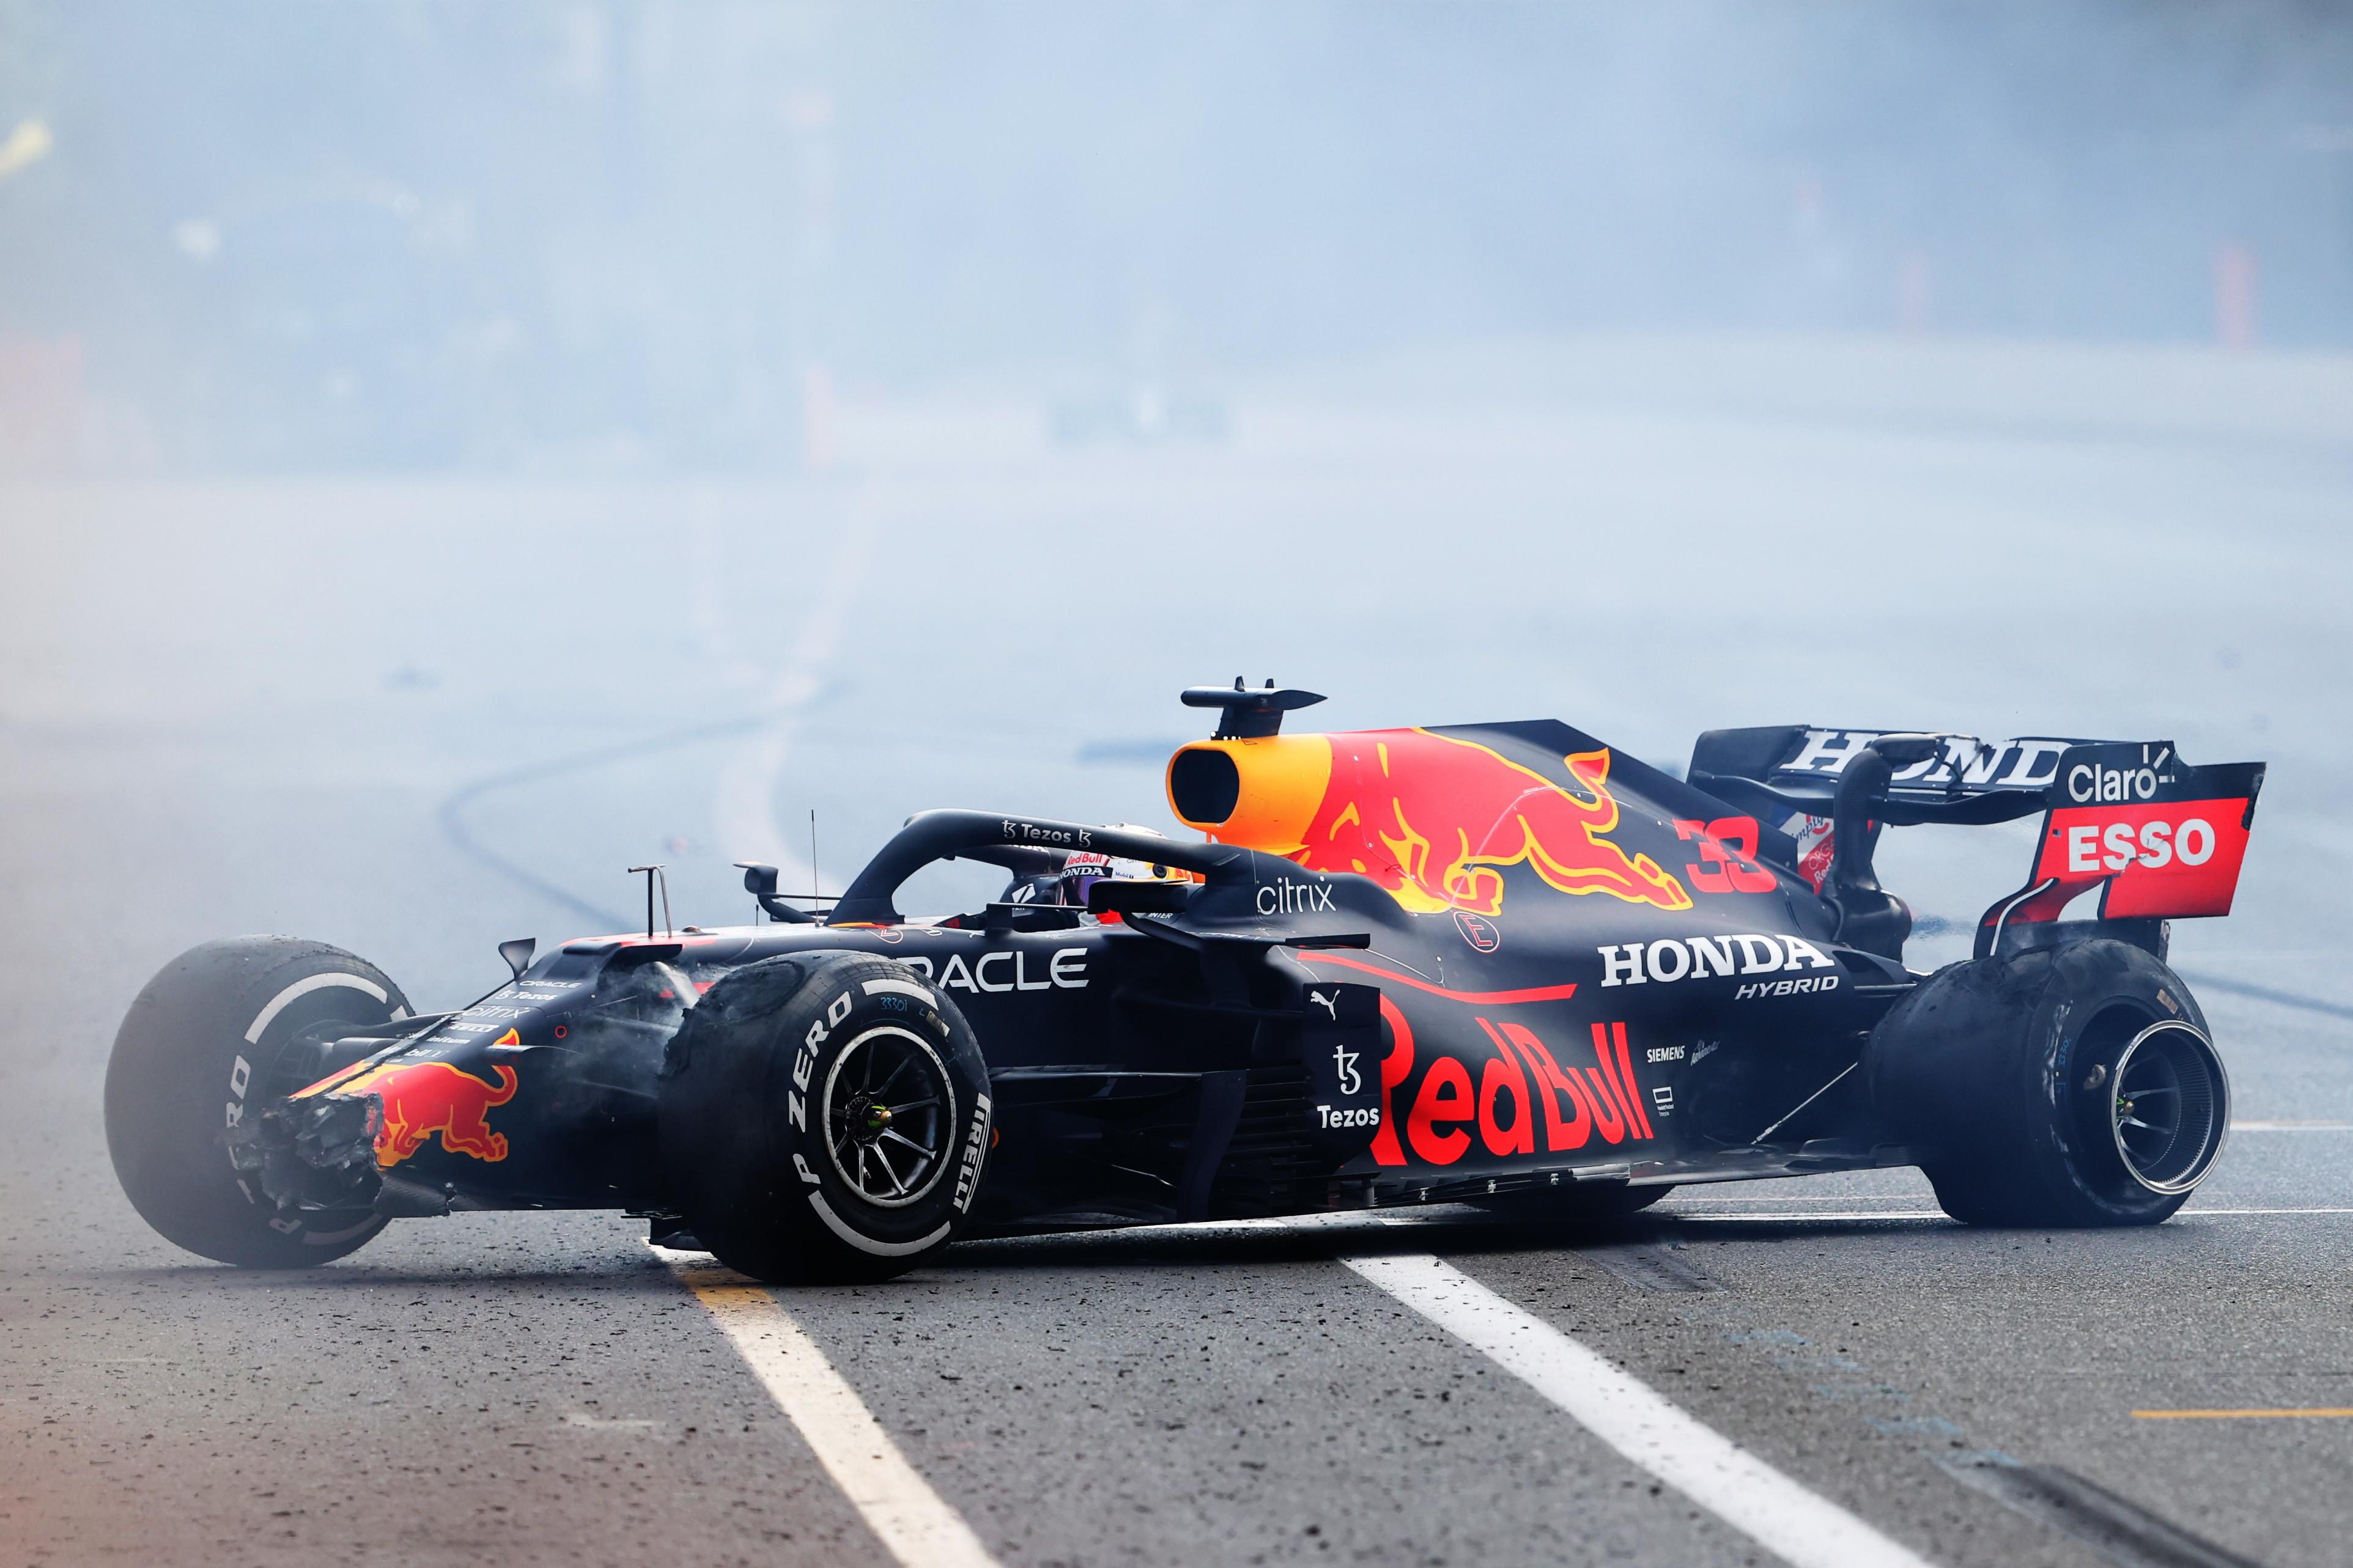 L&#39;olandese della Red Bull a muro a cinque giri dalla bandiera a scacchi dopo una gara da leader assoluto, tradito dal cedimento dello pneumatico posteriore sinistro in pieno rettilineo. L&#39;errore di Hamilton alla ripartenza del GP rende meno amaro il ko tecnico in ottica mondiale.<br /><br />